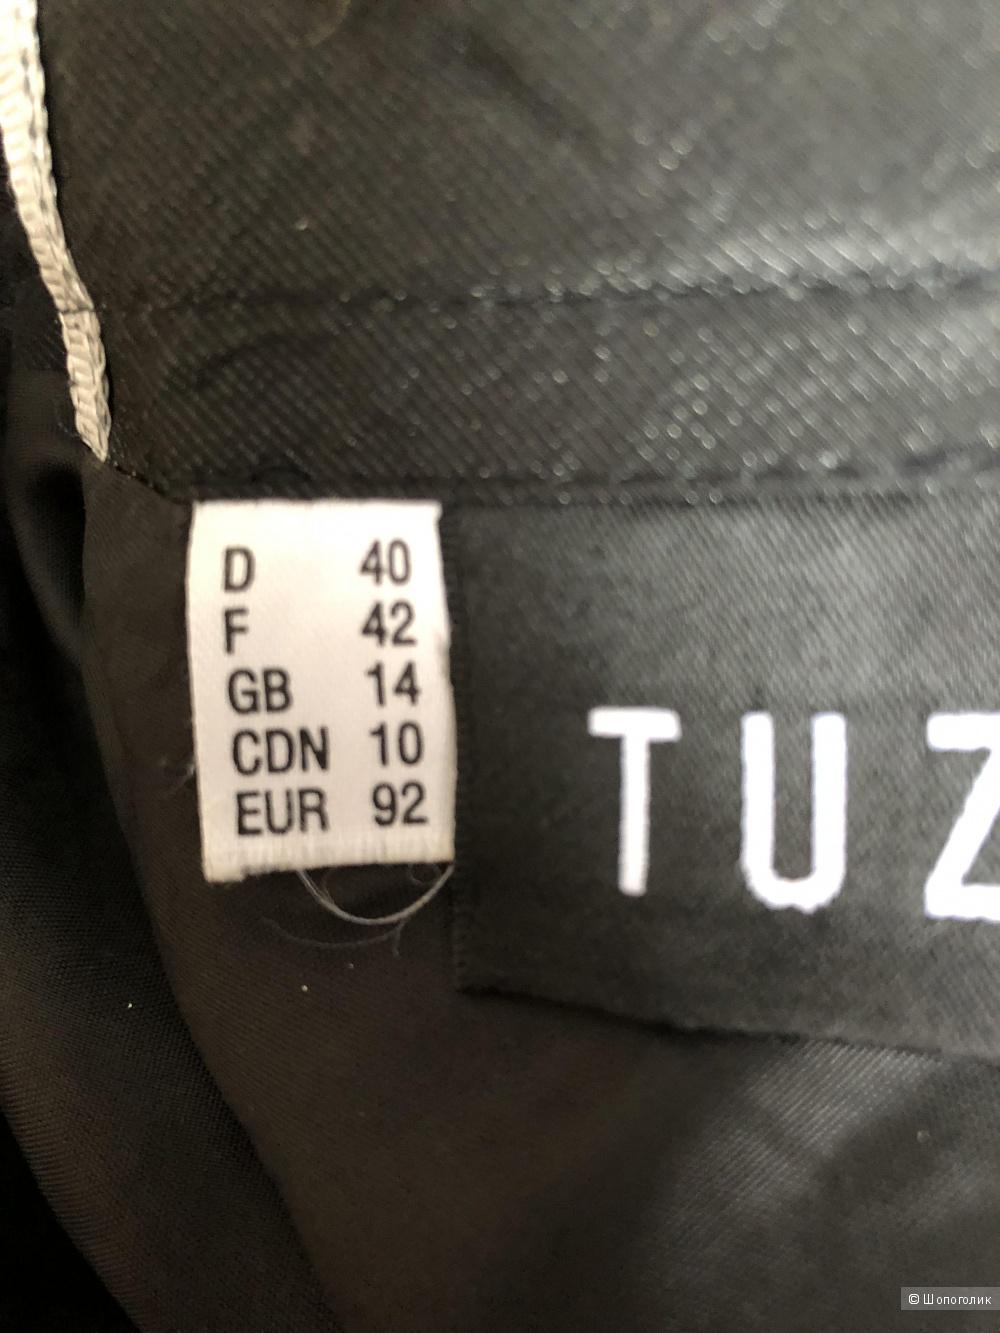 Юбка годе TUZZI (Германия) р-р 40 (D), 42 (F), 14 (GB)